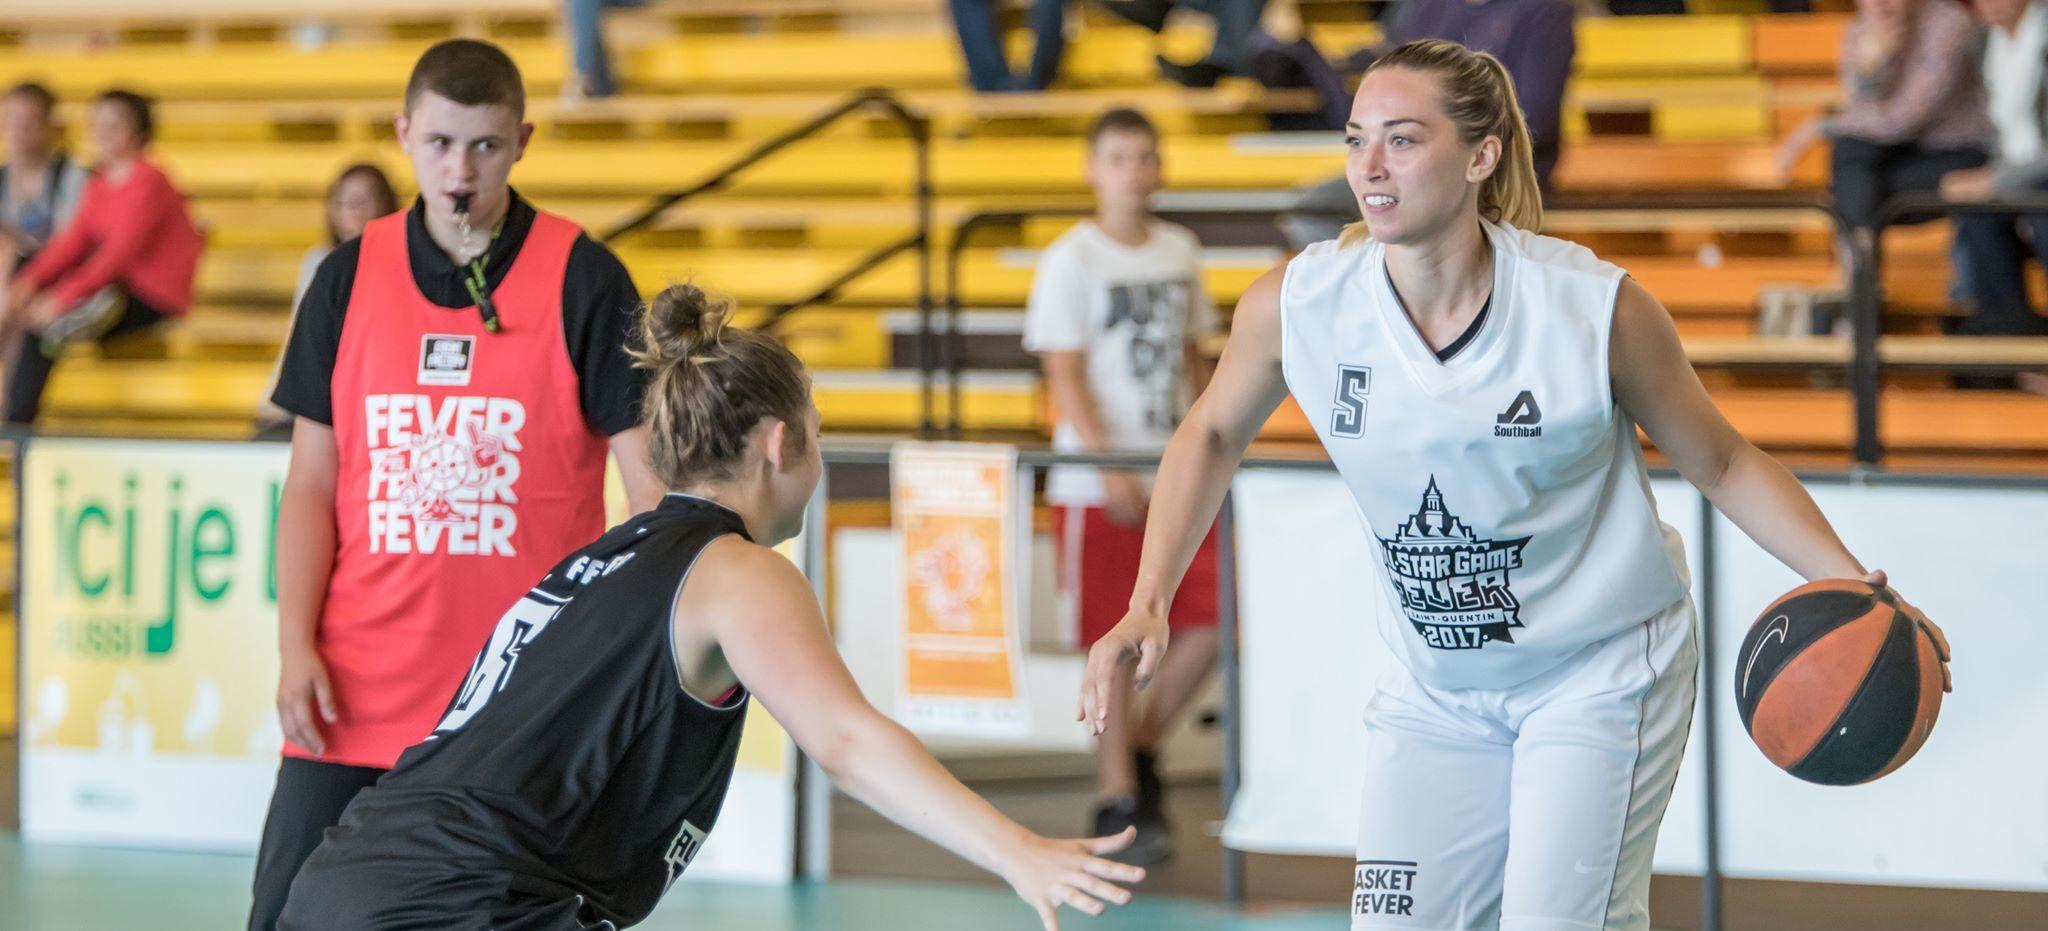 southball tournoi basket fever 3v3